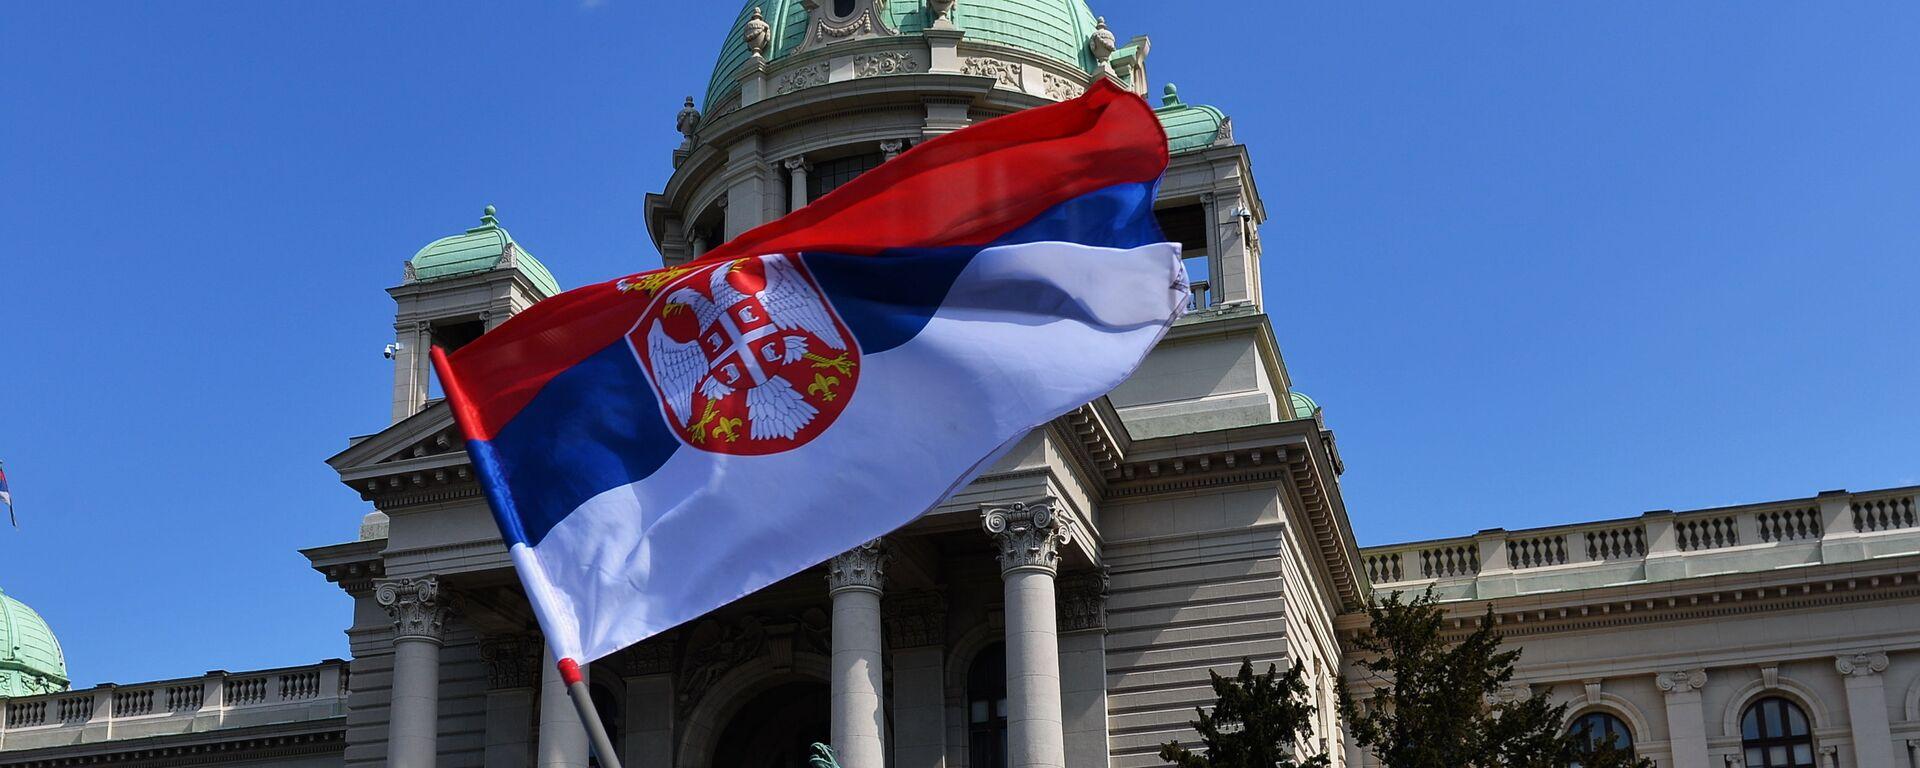 Zastava ispred Skupštine - Sputnik Srbija, 1920, 10.07.2021